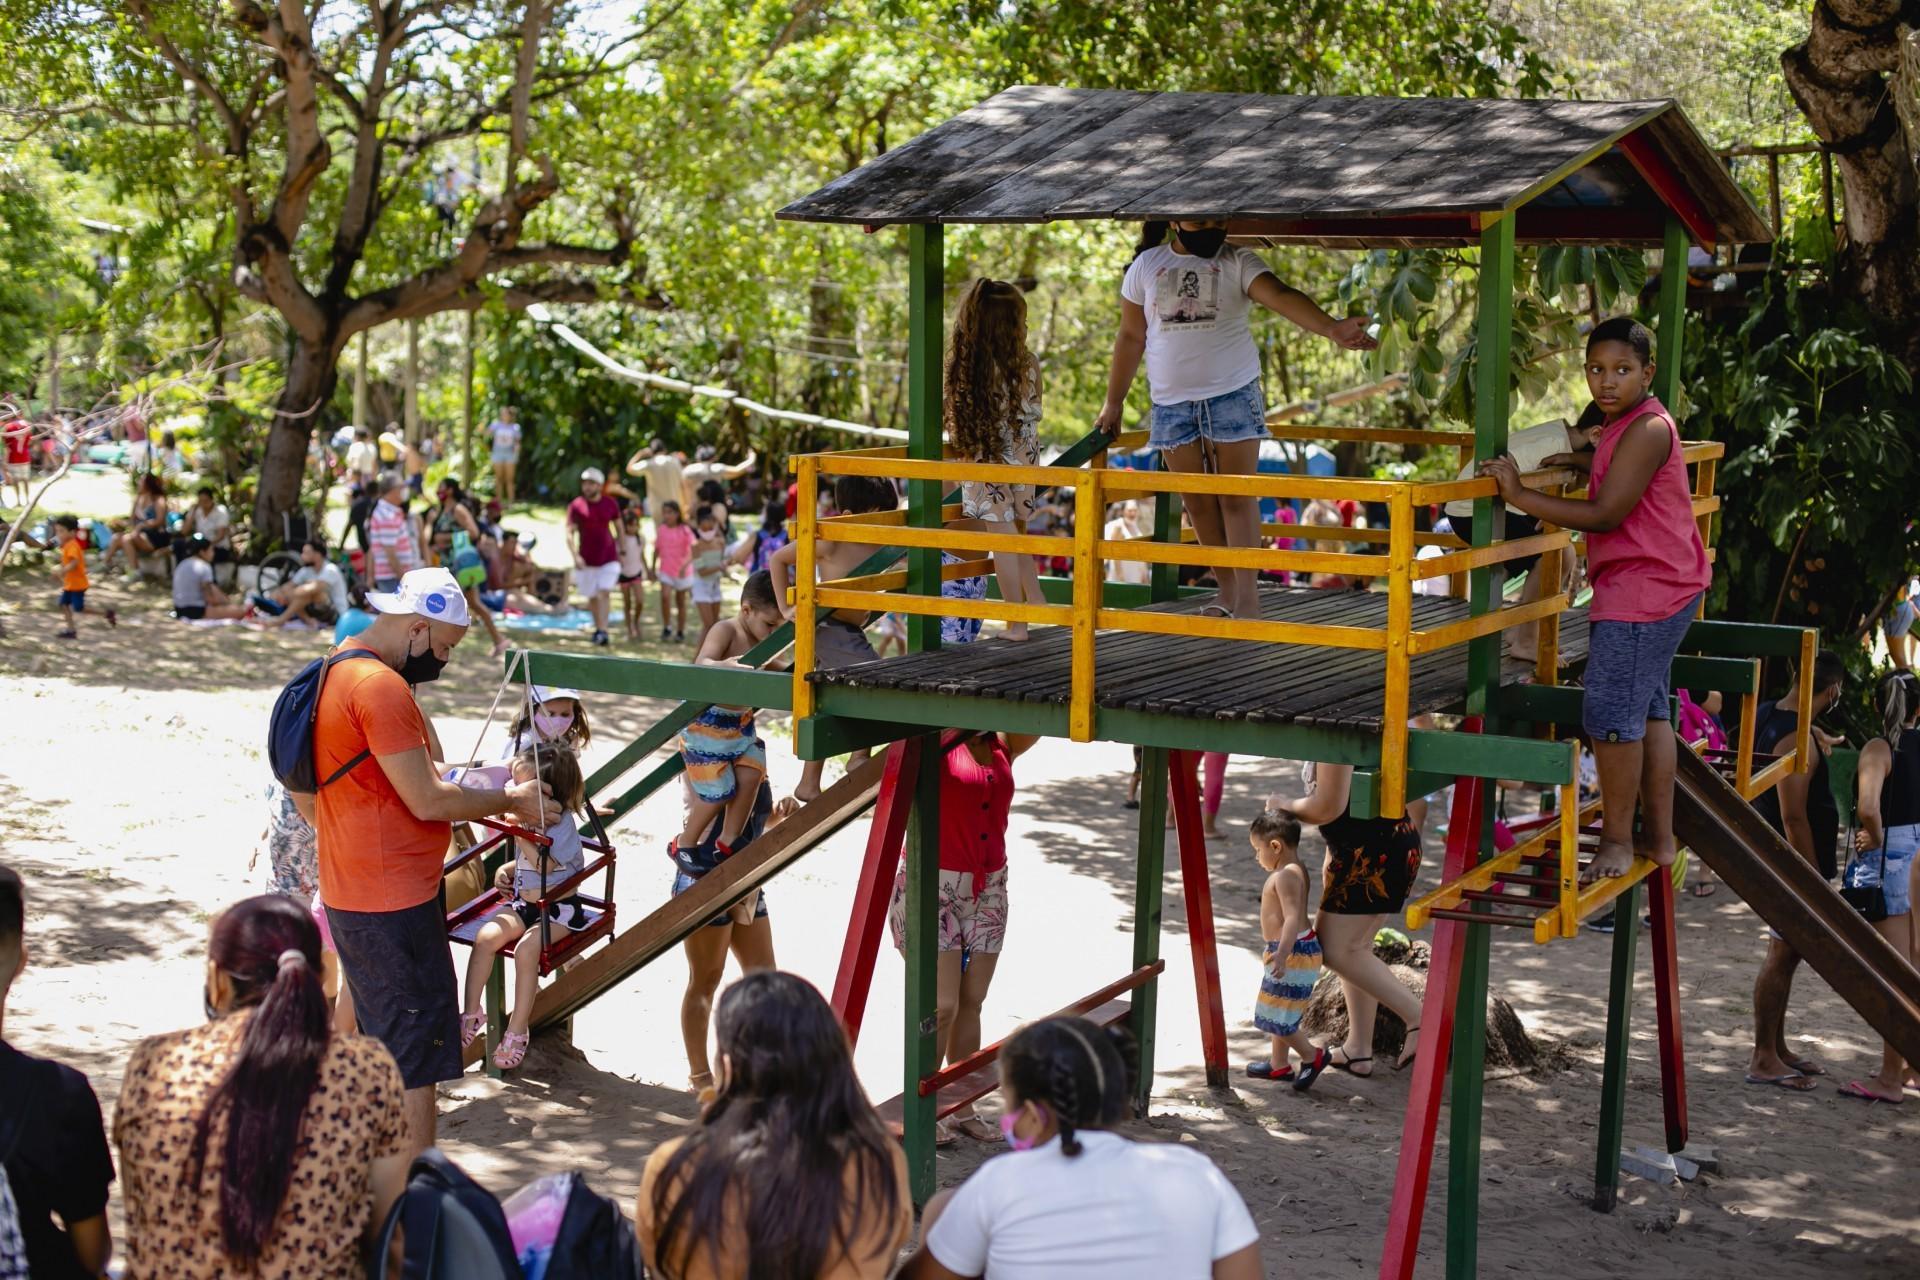 (Foto: Aurelio Alves)Dia das Crianças no Parque do Cocó; a criançada aproveitou para explorar o espaço e os brinquedos do lugar